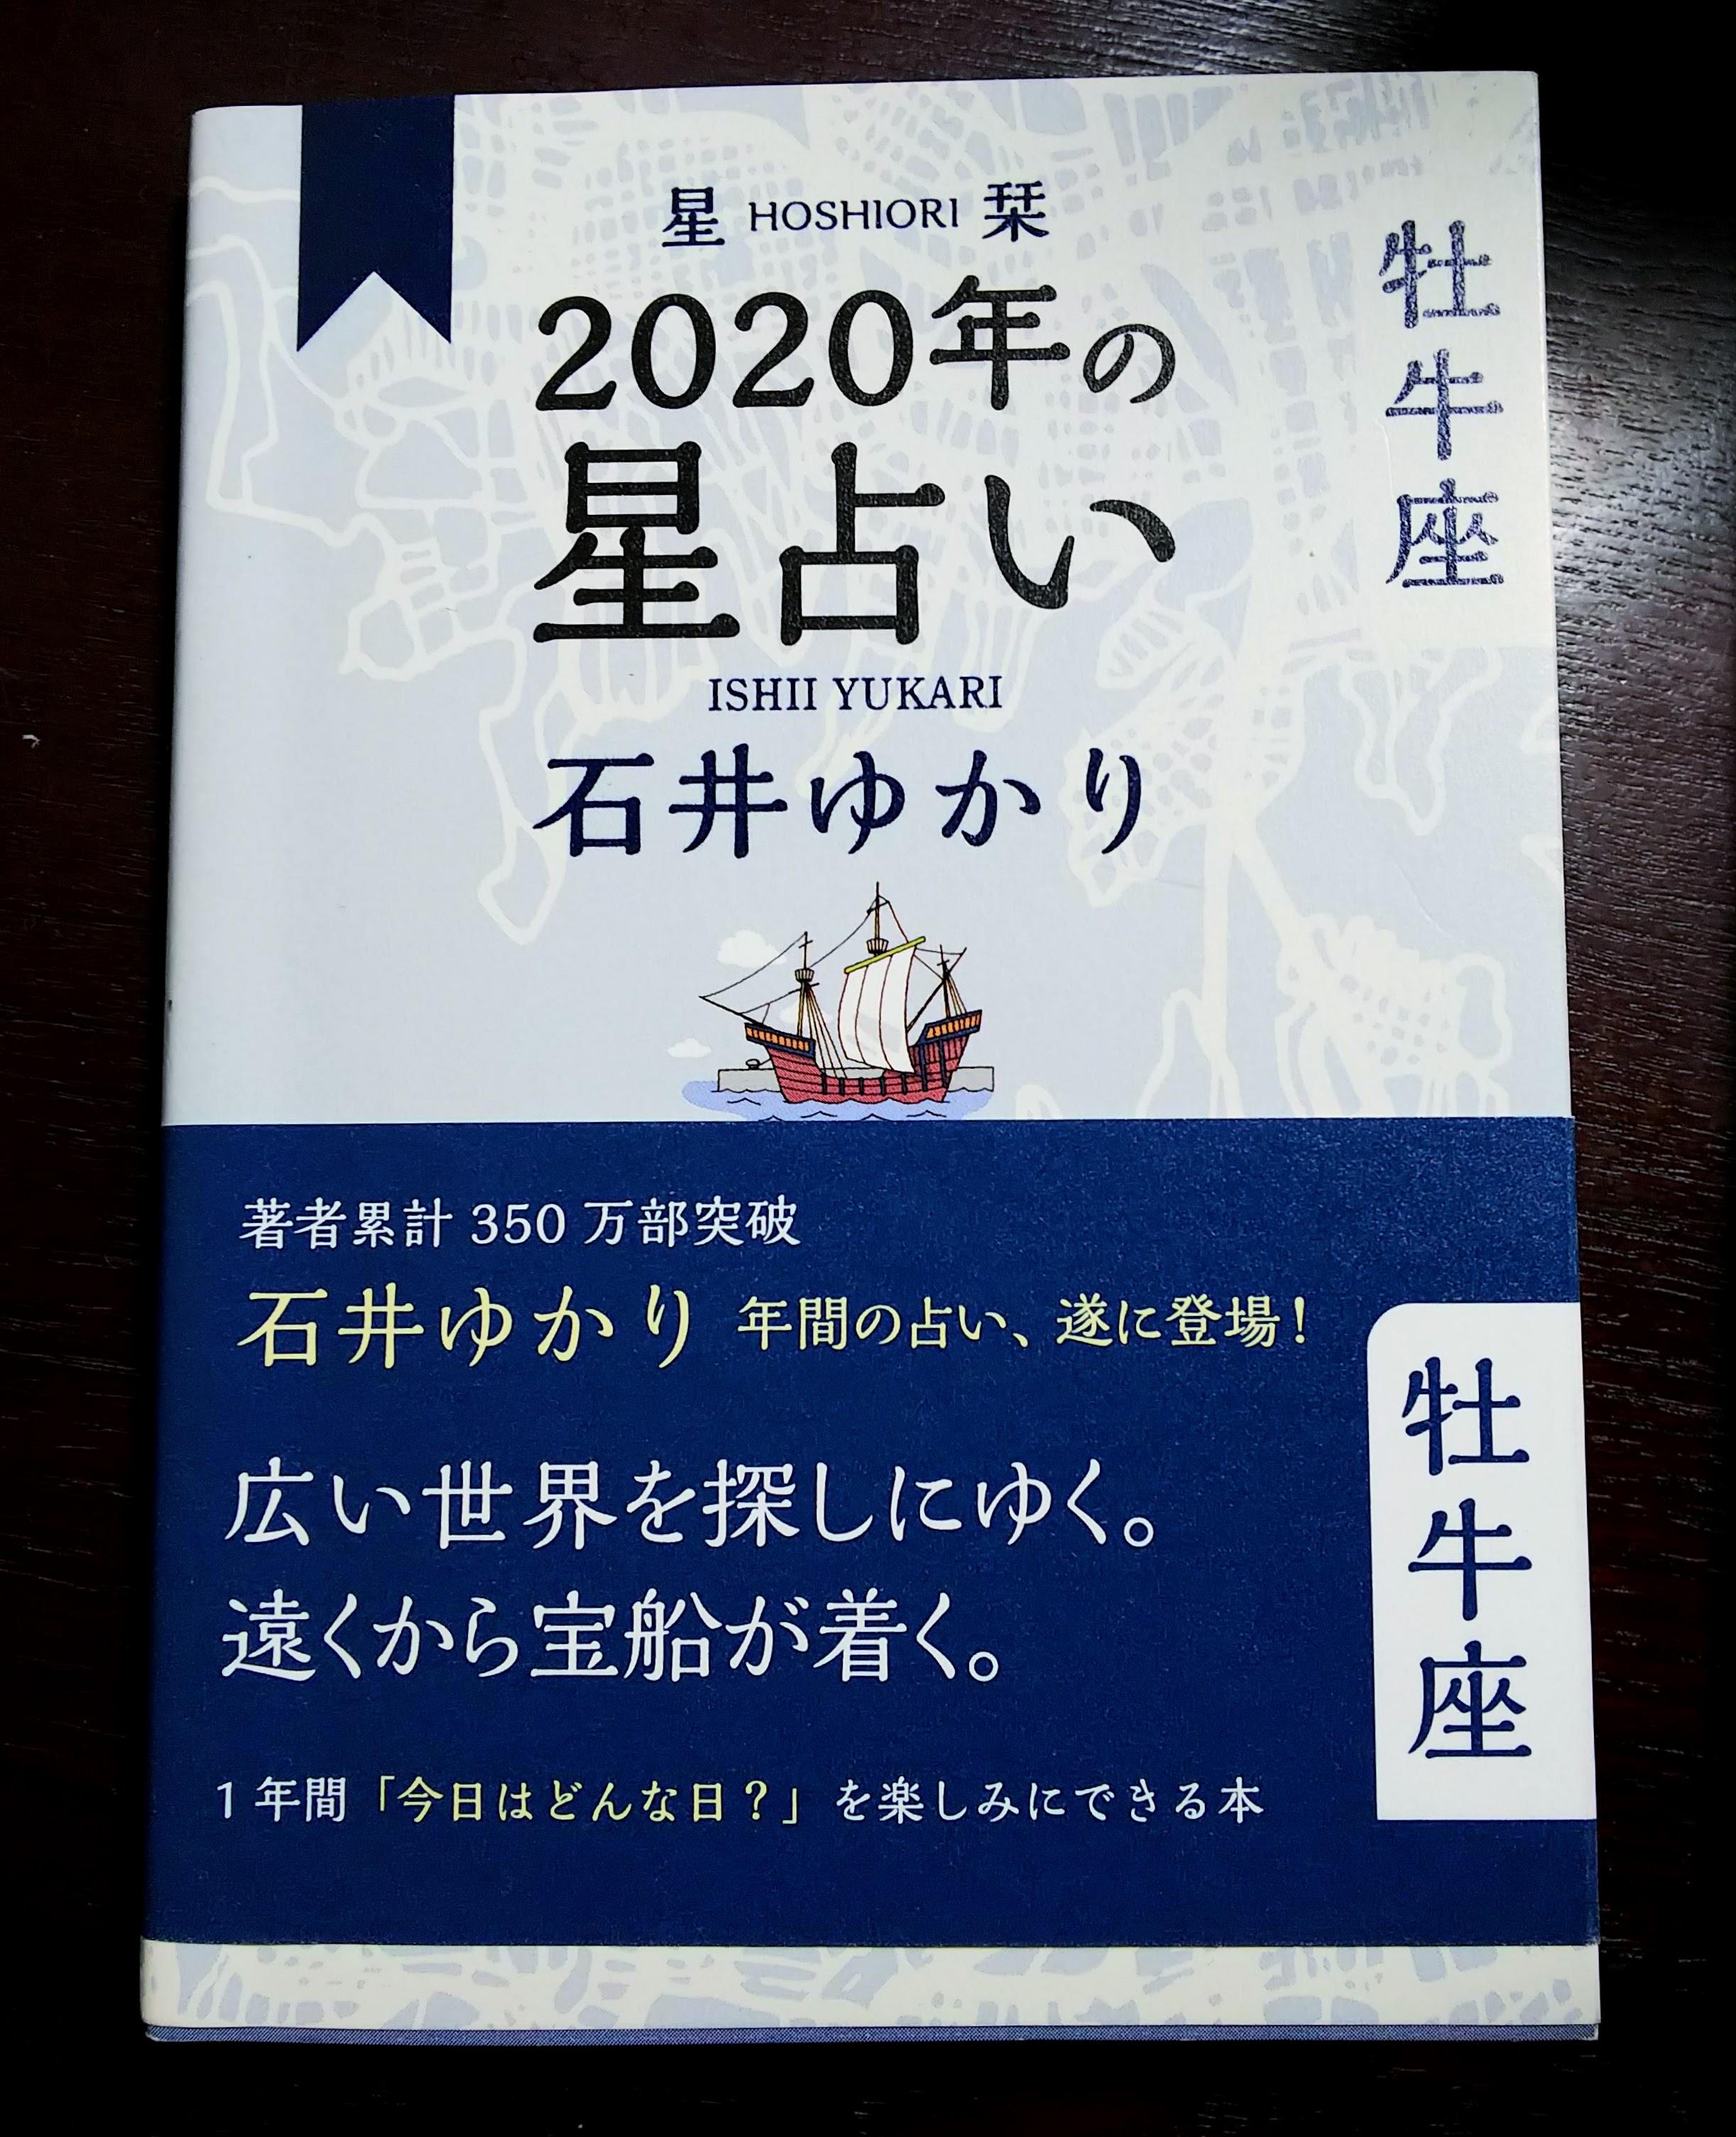 石井 ゆかり 2020